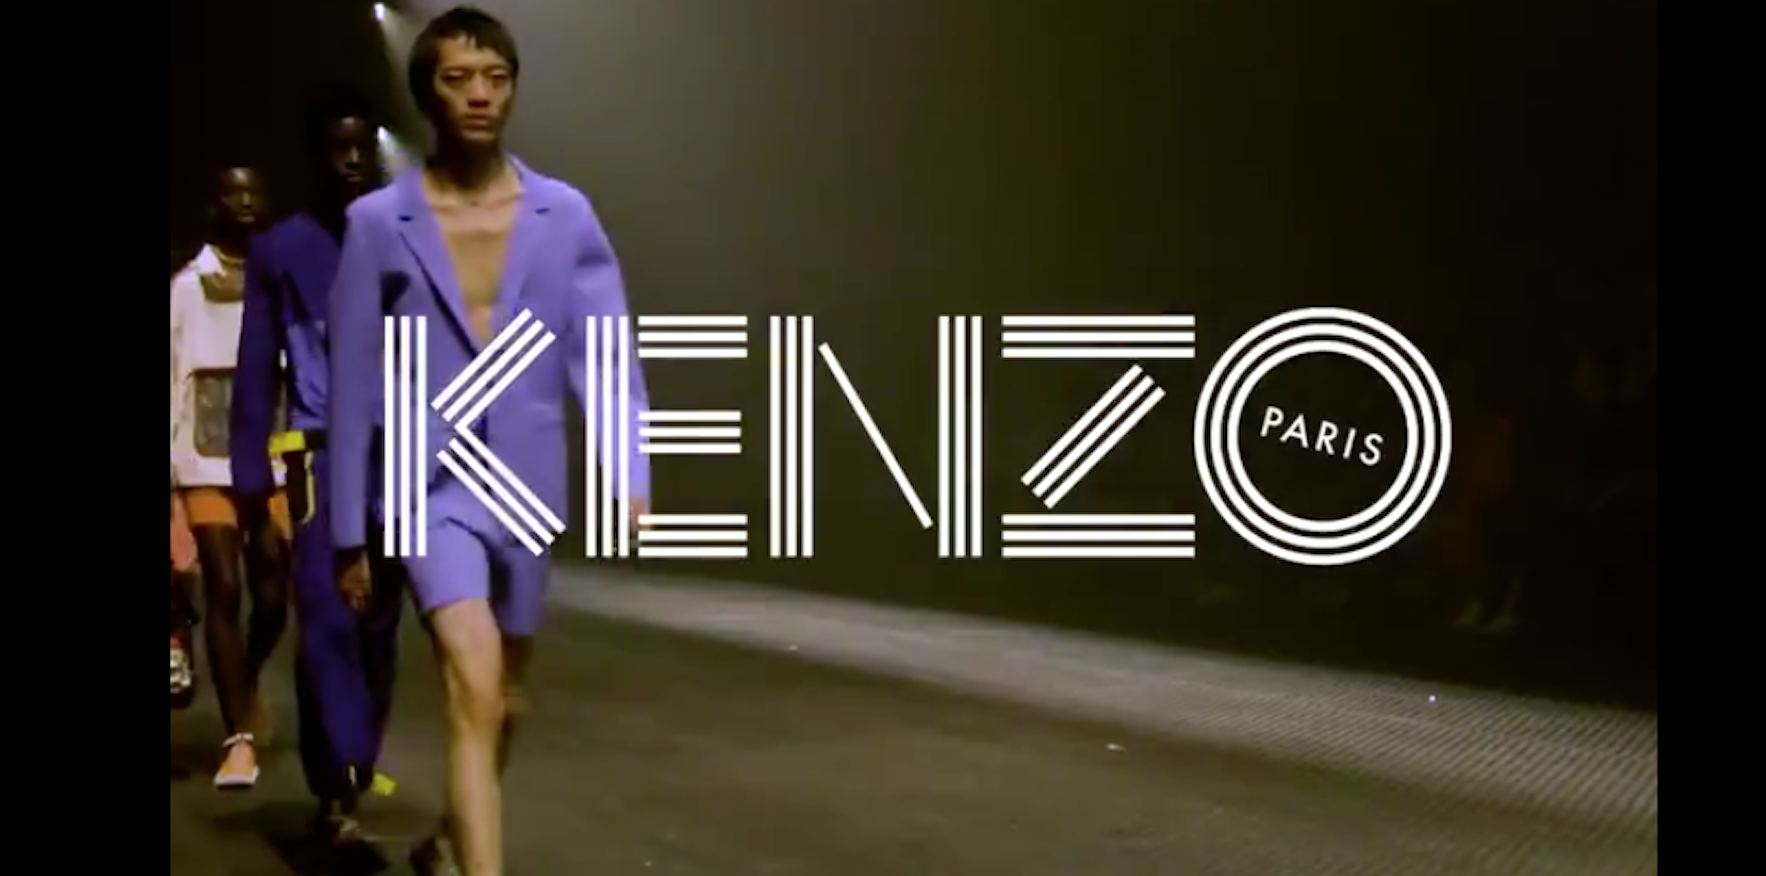 image: Kenzo